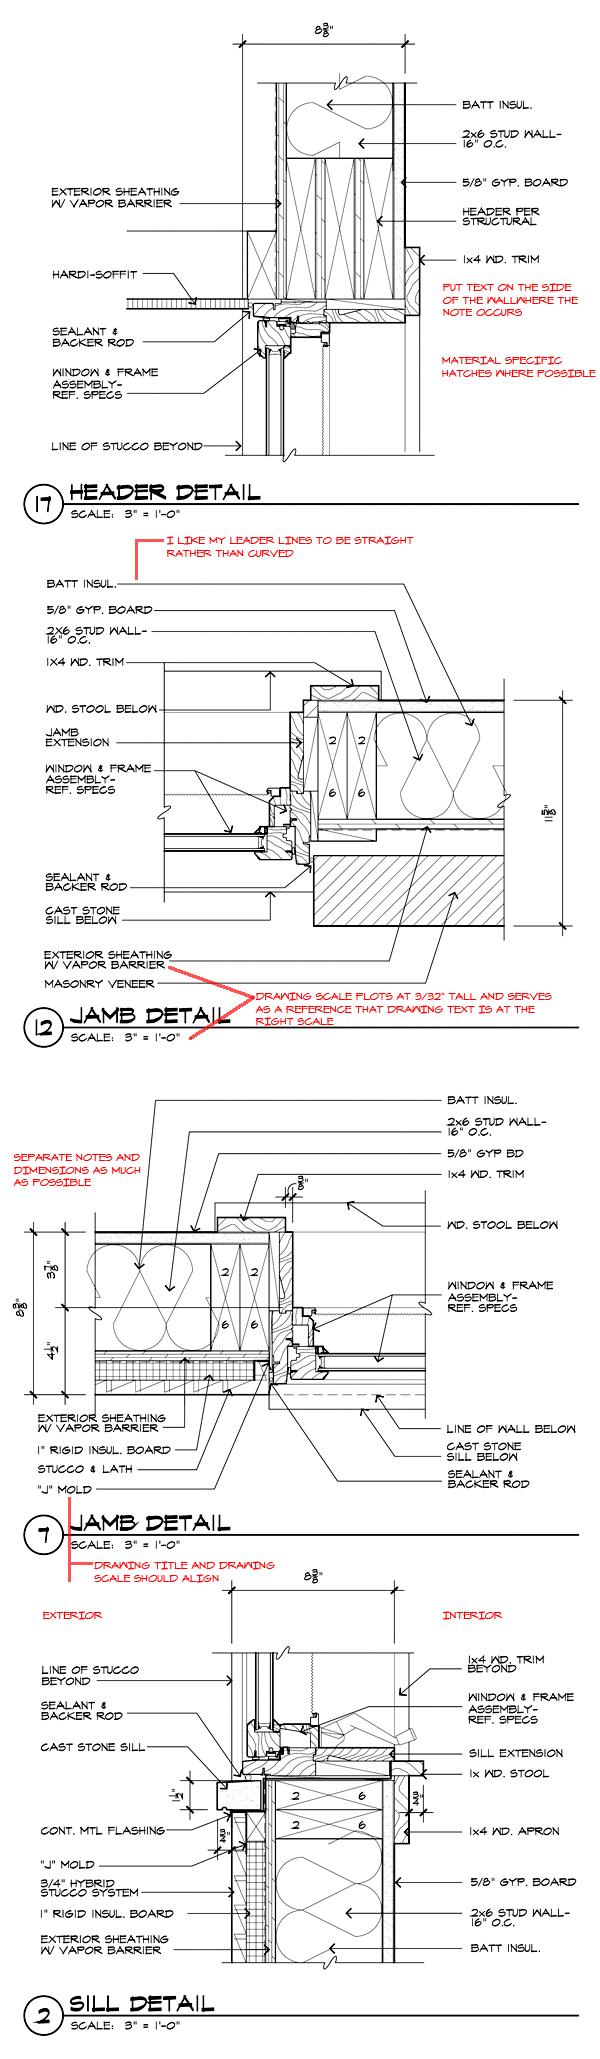 Https Khouse Modern Progress Update 03 Tree Rings Diagram Buildllcveneersdiagram01 Window Details With Redlines